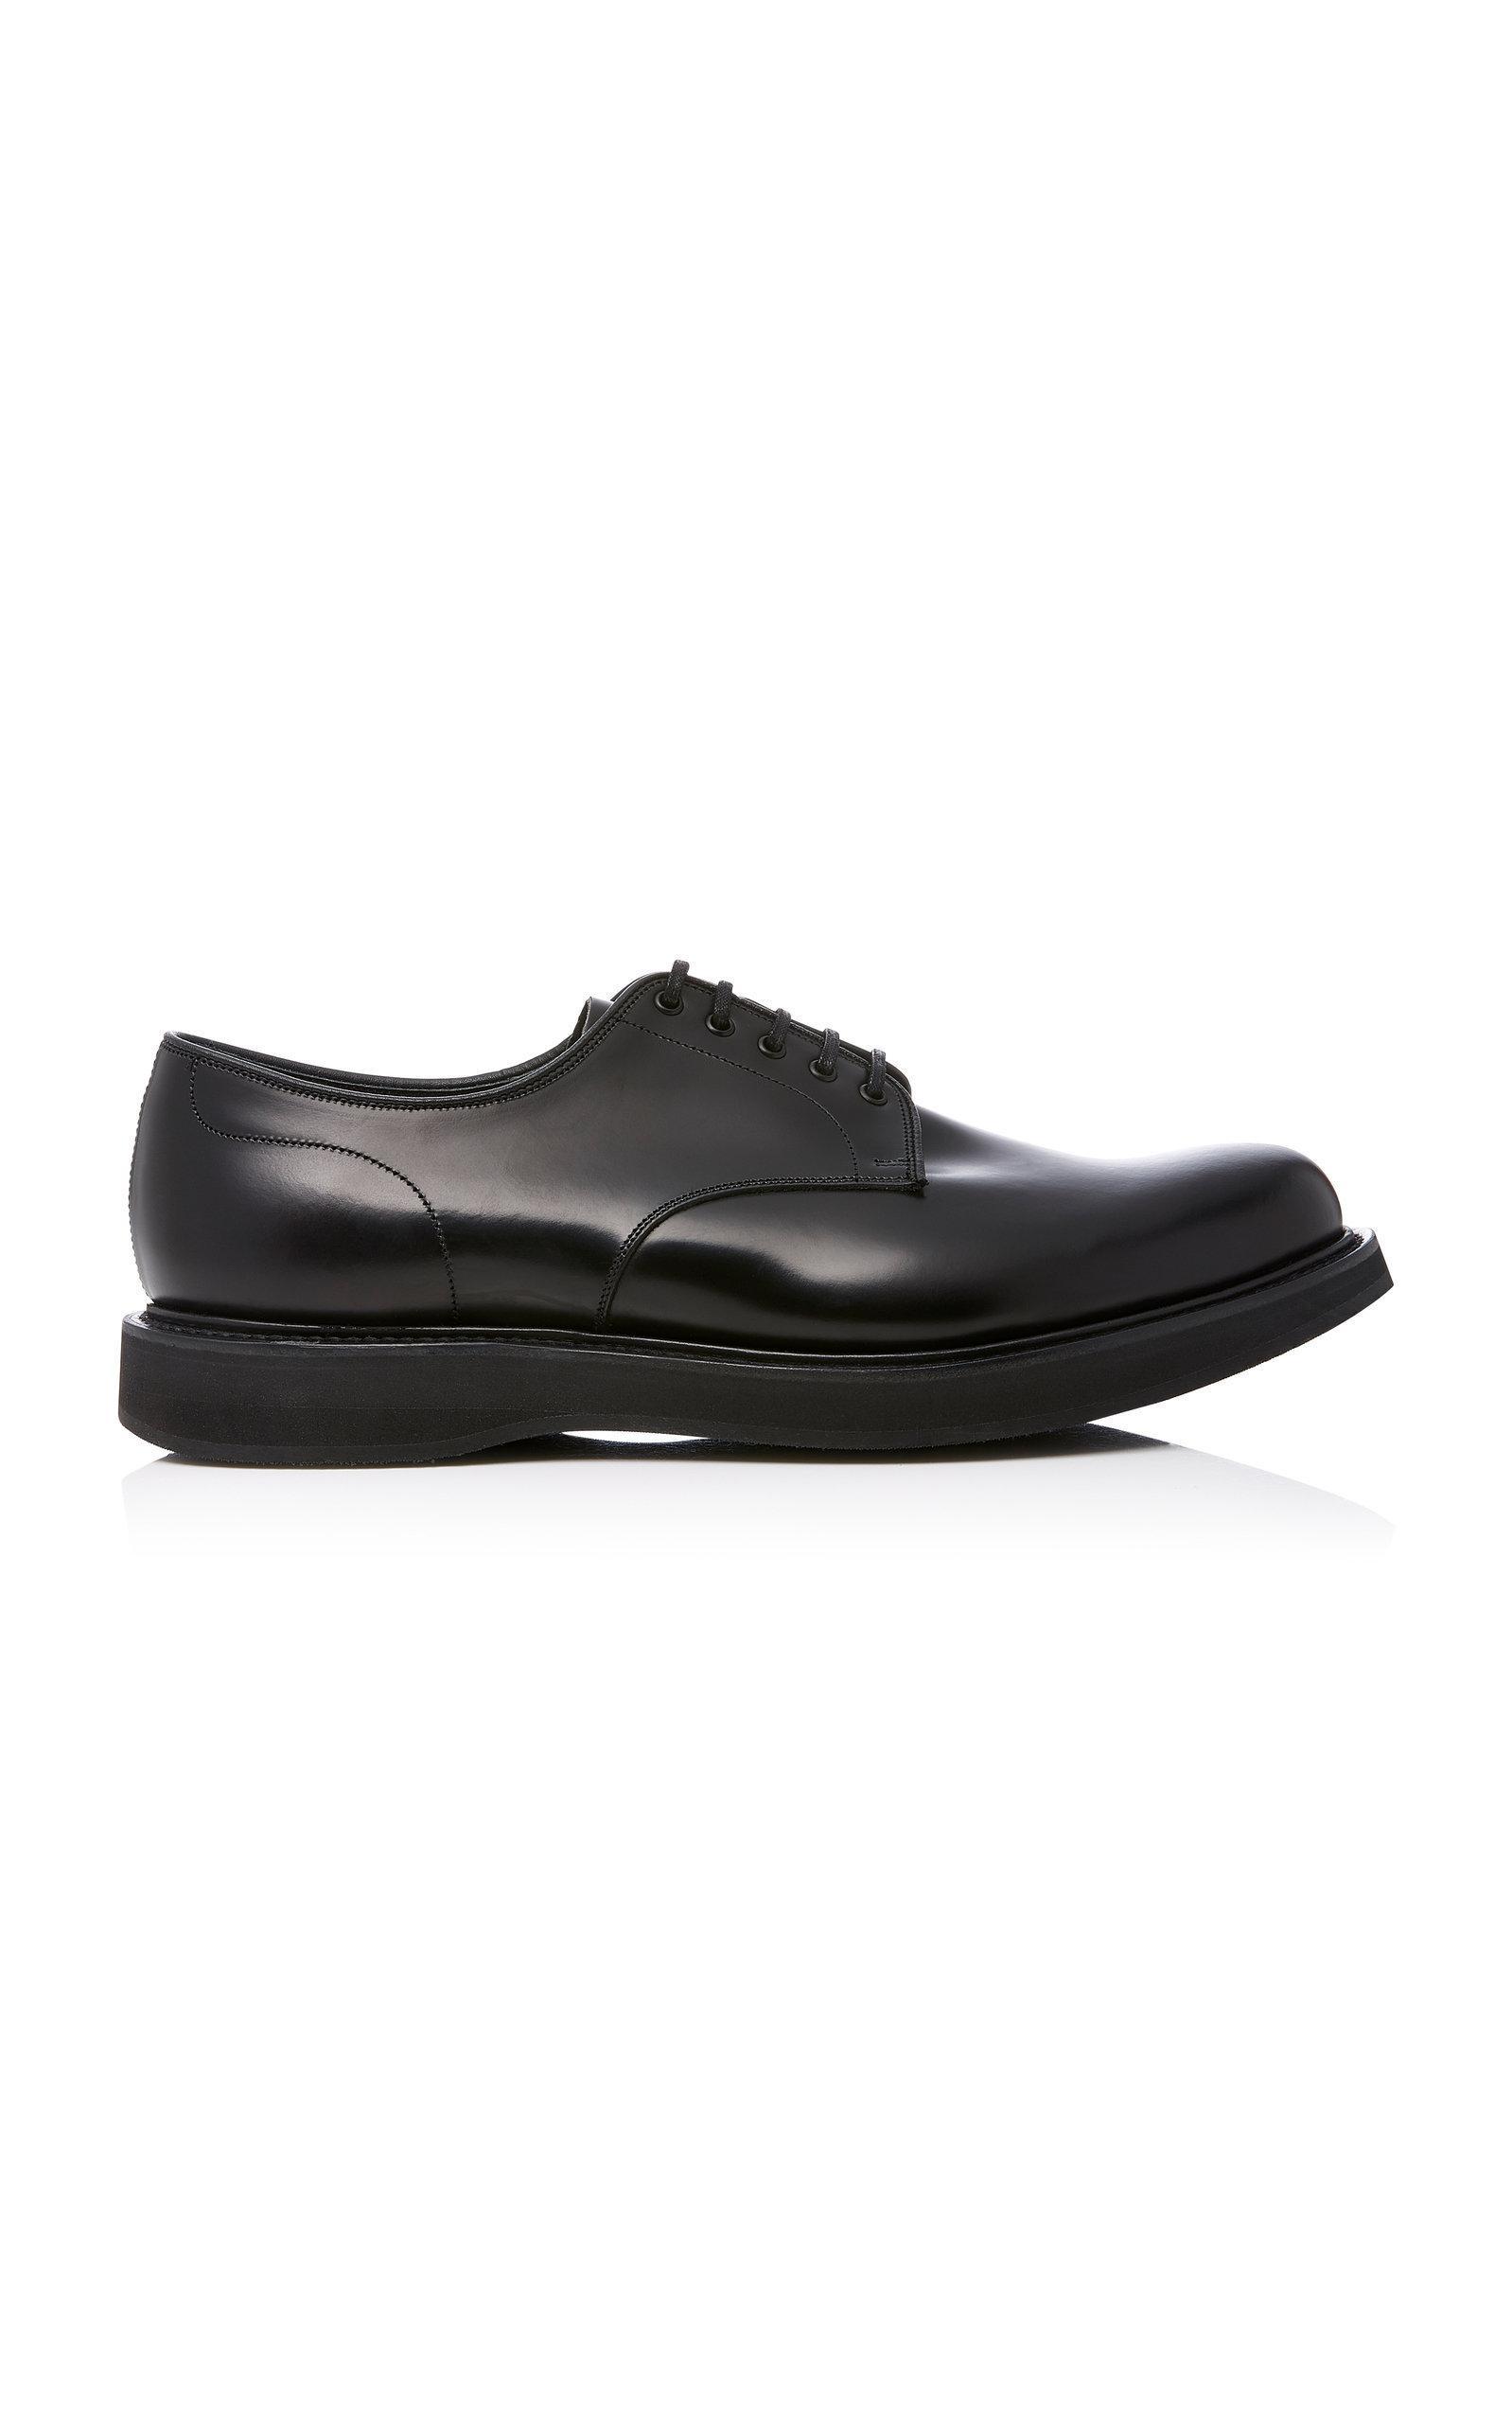 96329fff187eb0 Church s Leyton Leather Derby Shoes In Black